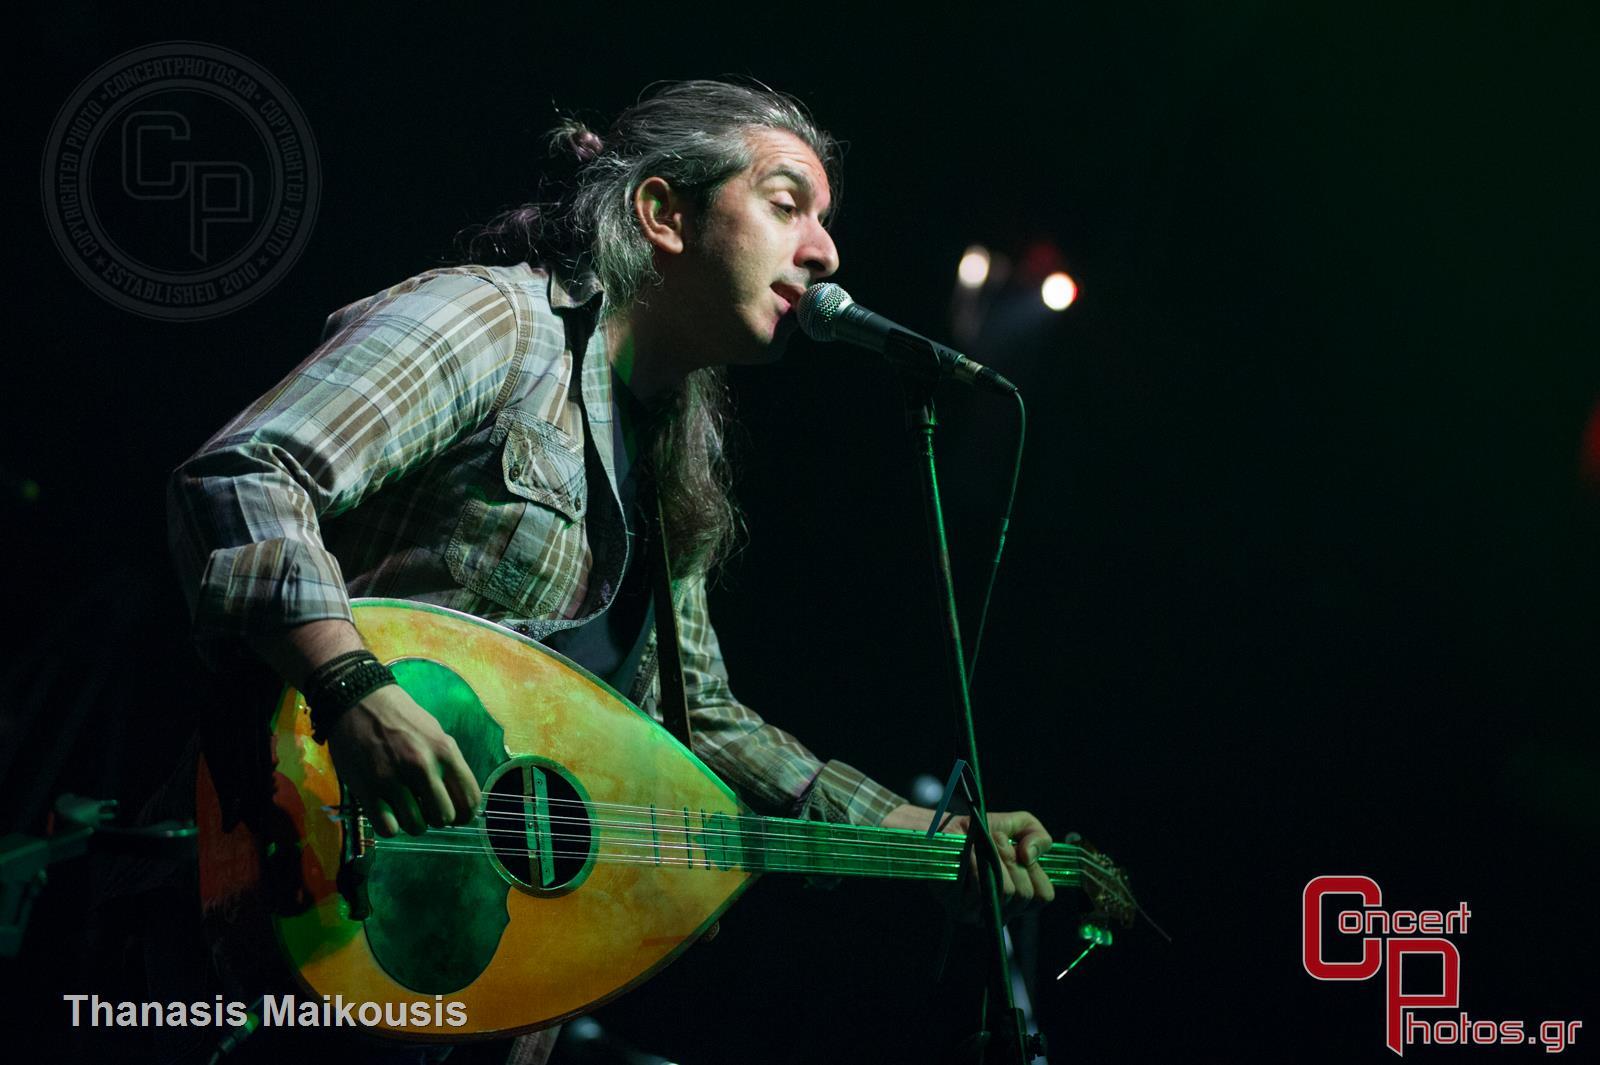 Γιάννης Χαρούλης-Charoulis Votanikos 2014 photographer: Thanasis Maikousis - concertphotos_-9398